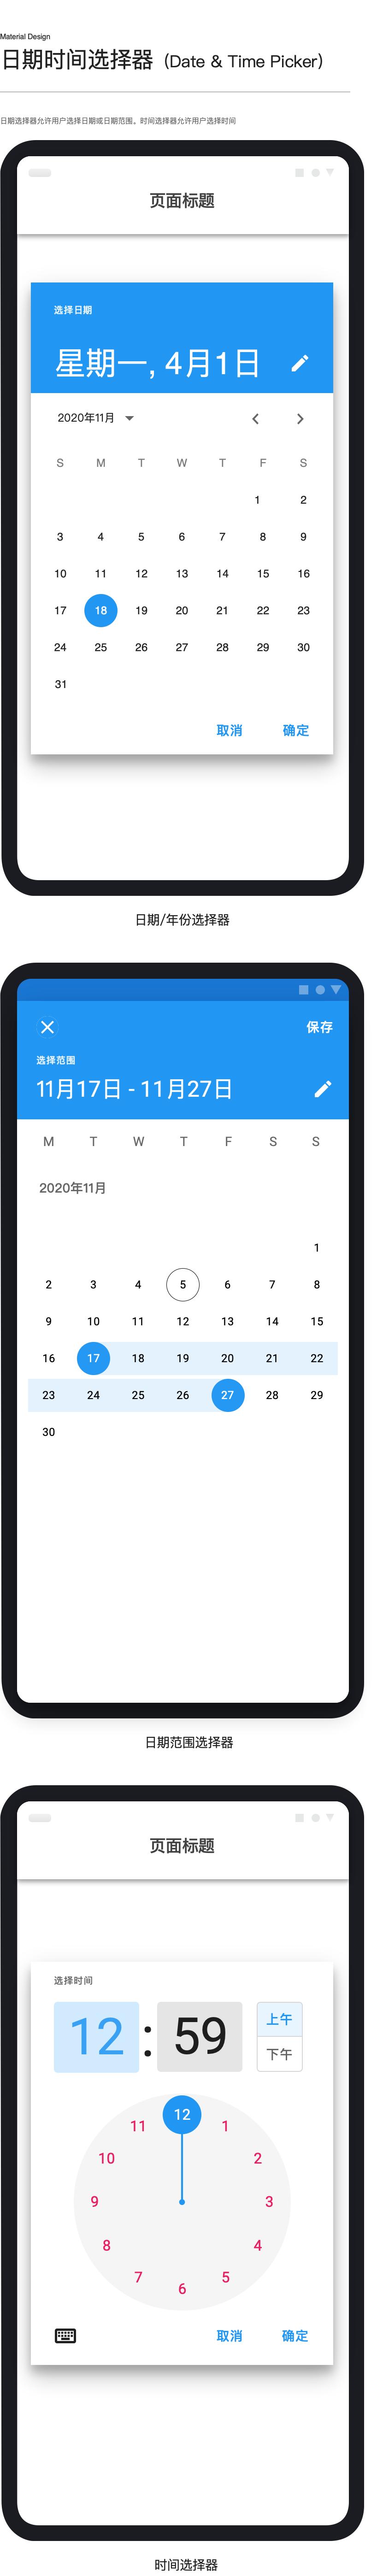 日期-时间选择器-1